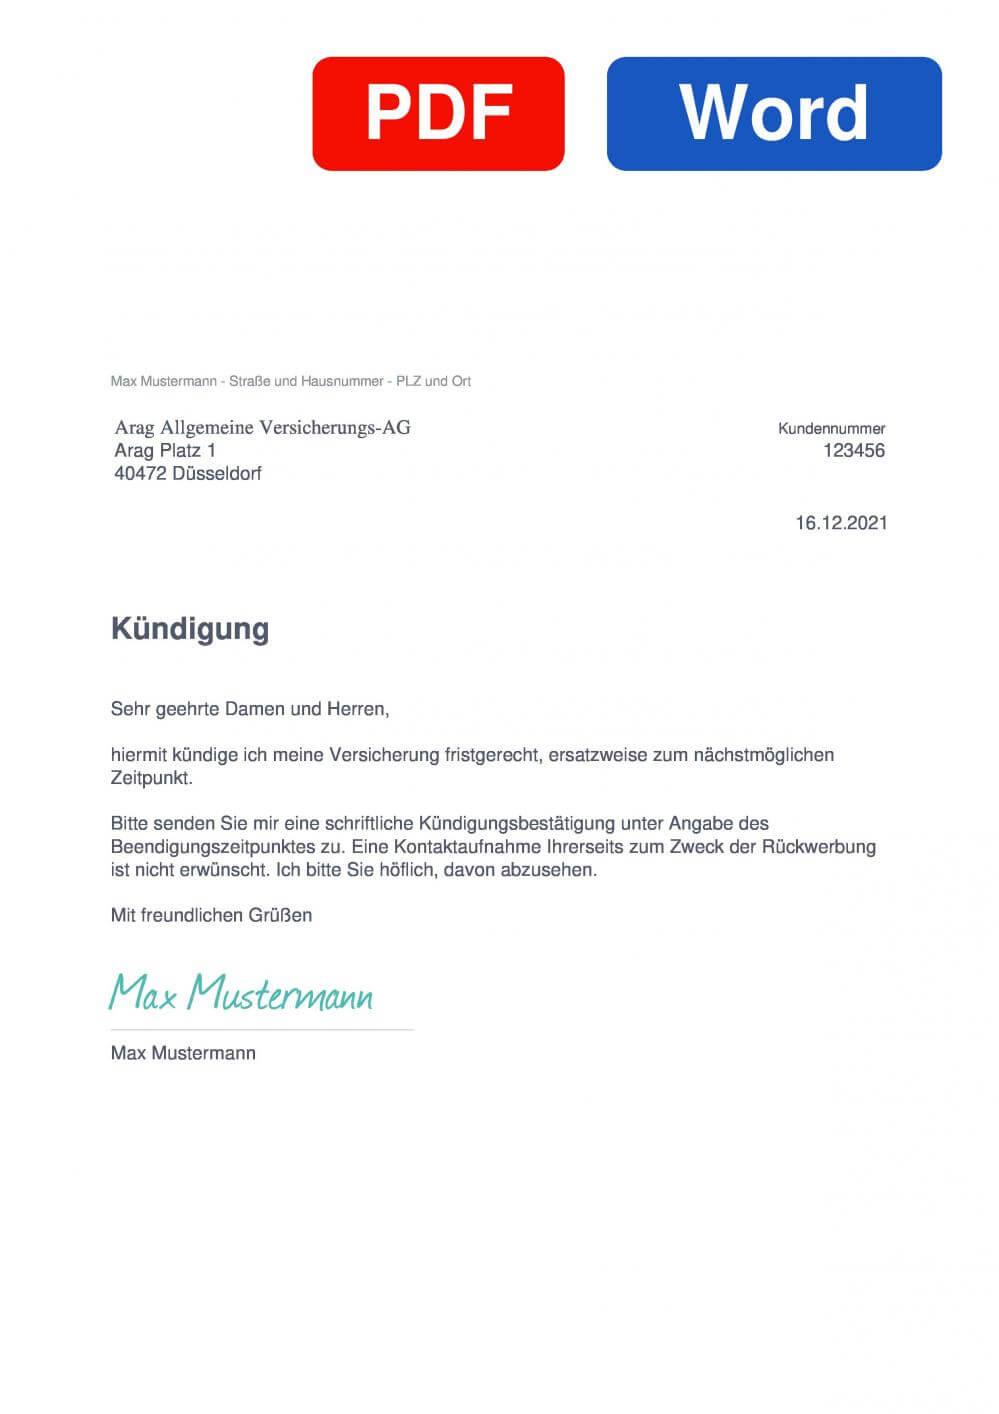 ARAG Haftpflichtversicherung Muster Vorlage für Kündigungsschreiben